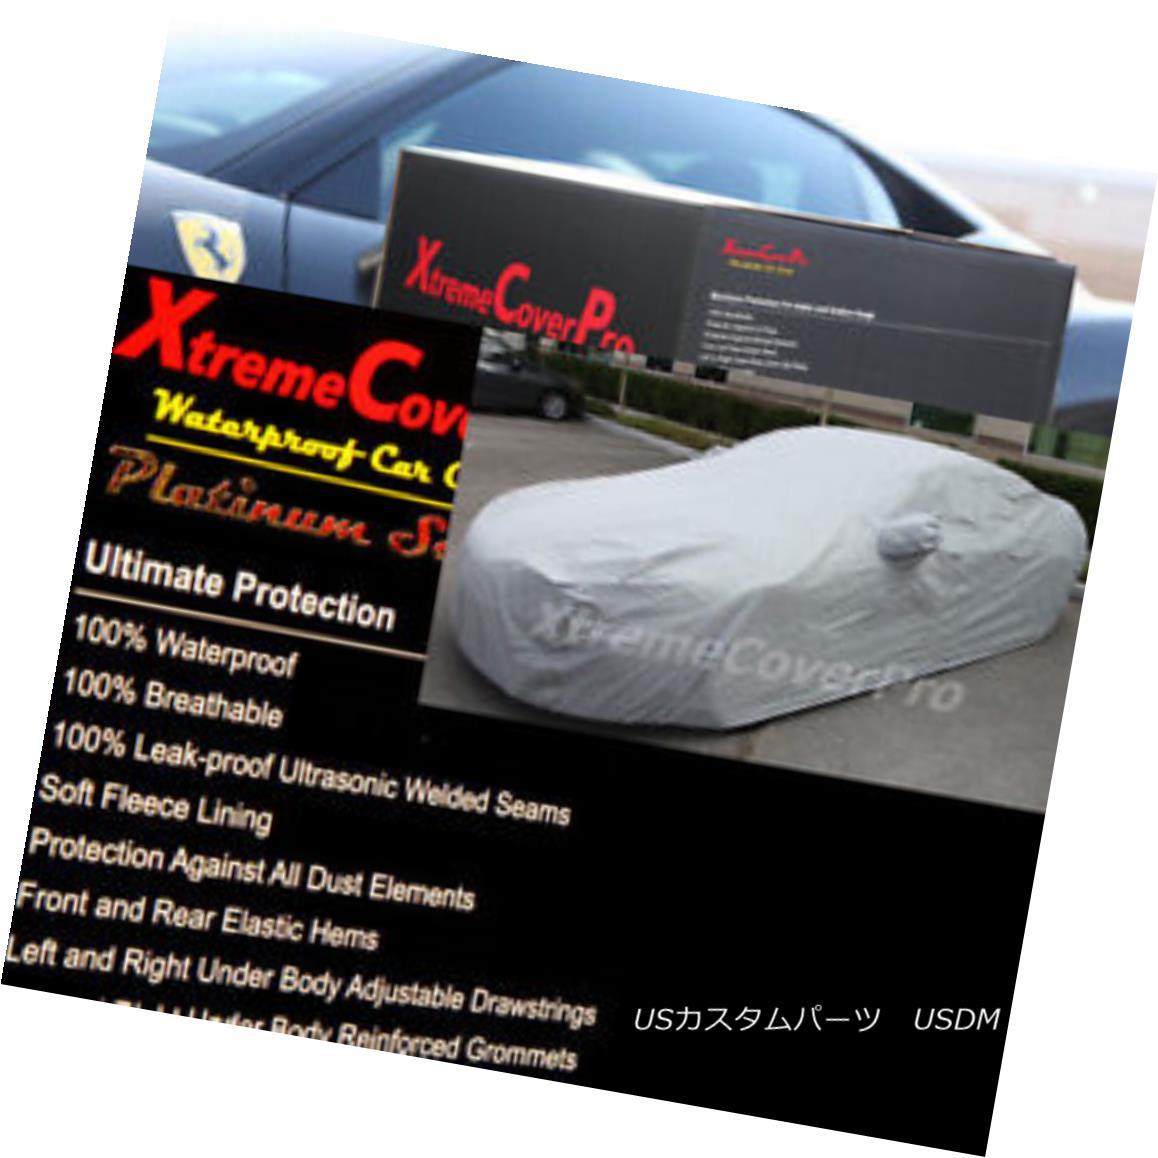 カーカバー 2014 SCION xD Waterproof Car Cover w/ Mirror Pocket 2014 SCION xDミラーポケット付き防水カーカバー